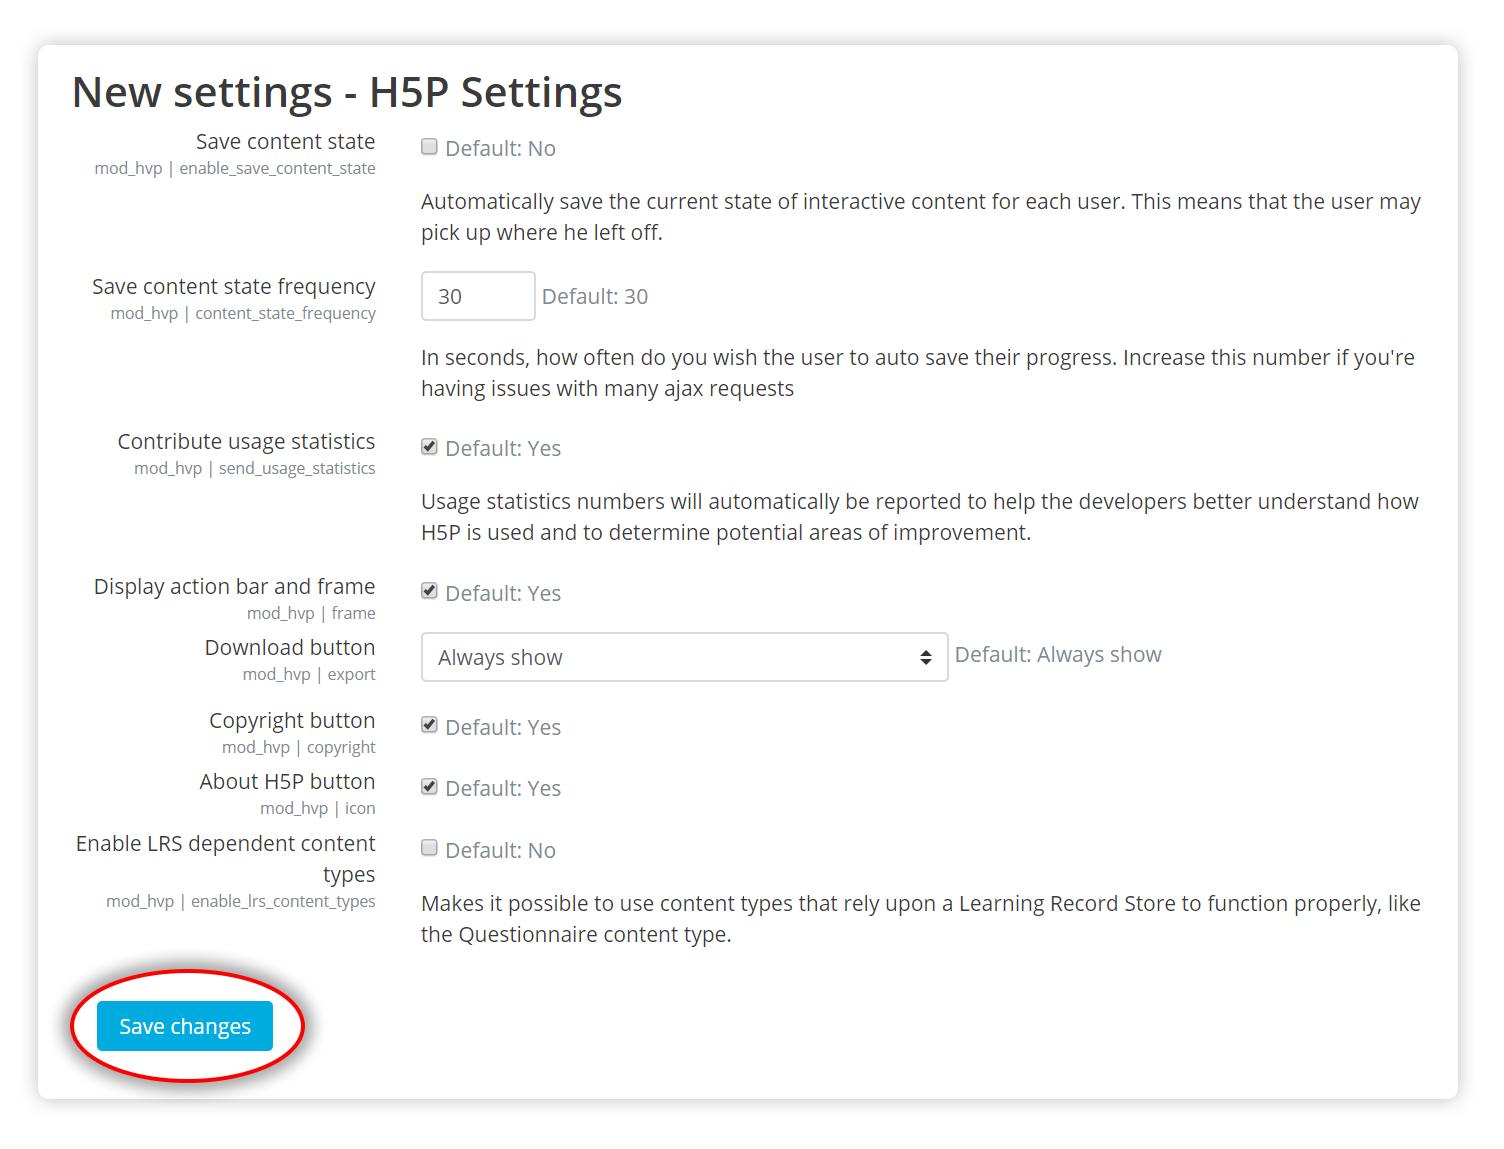 H5P Settings